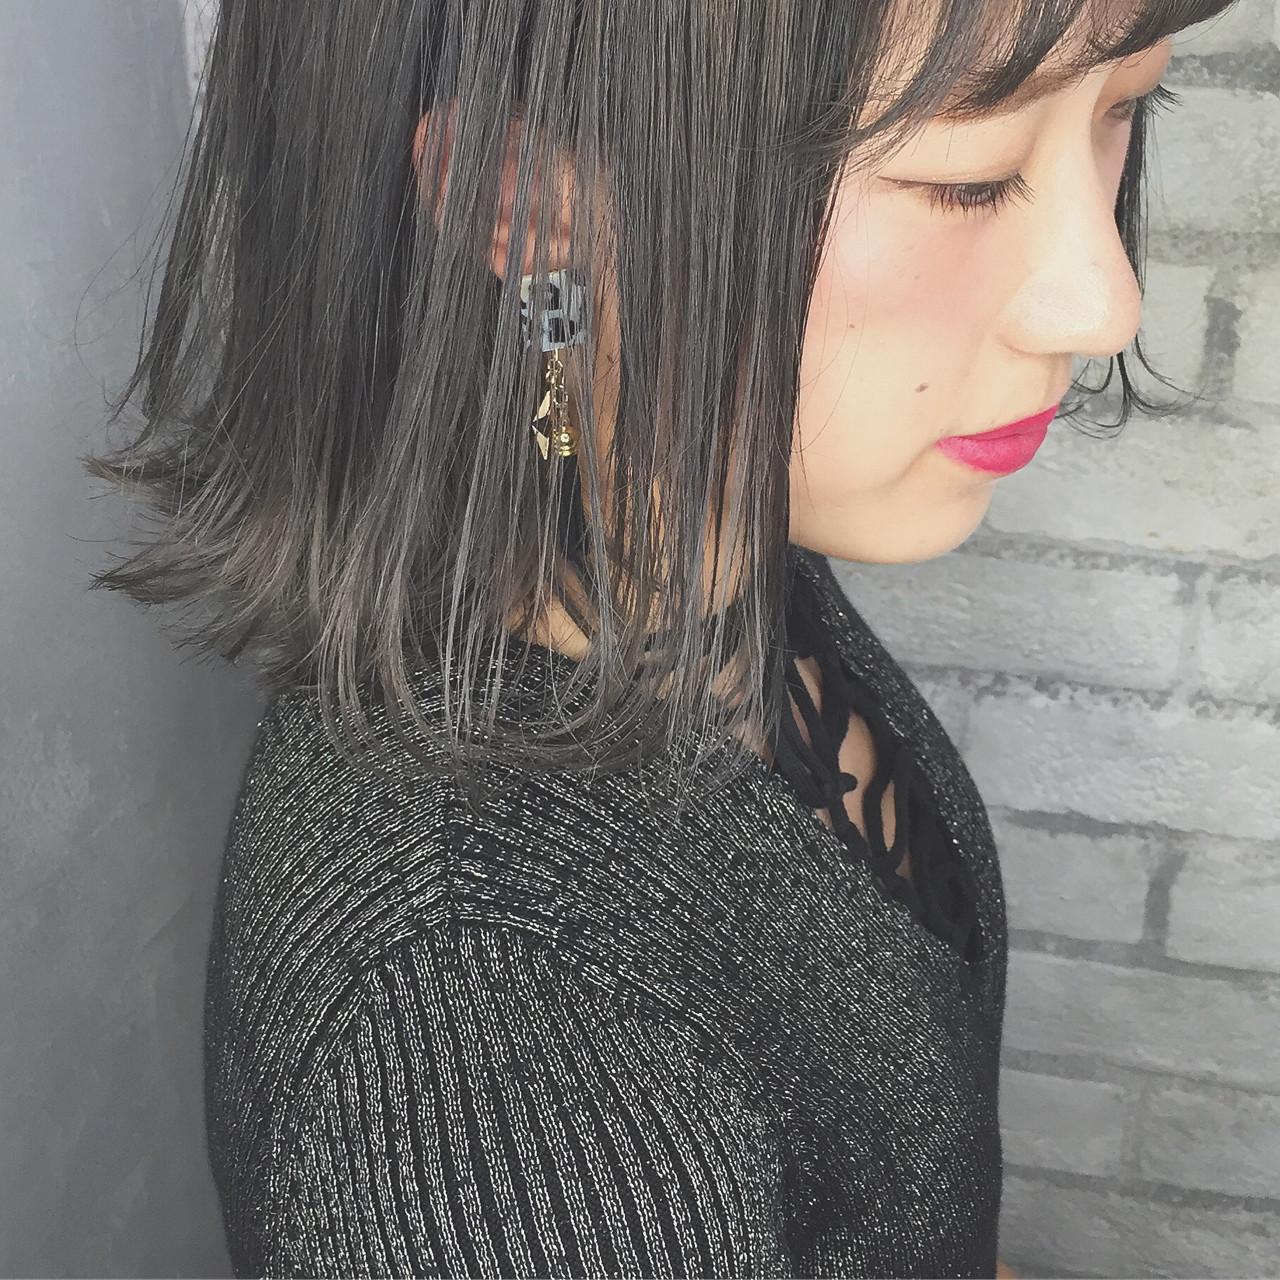 【ブリーチなしでも可愛い!】黒に近い髪色×暗めアッシュ大公開♡の22枚目の画像